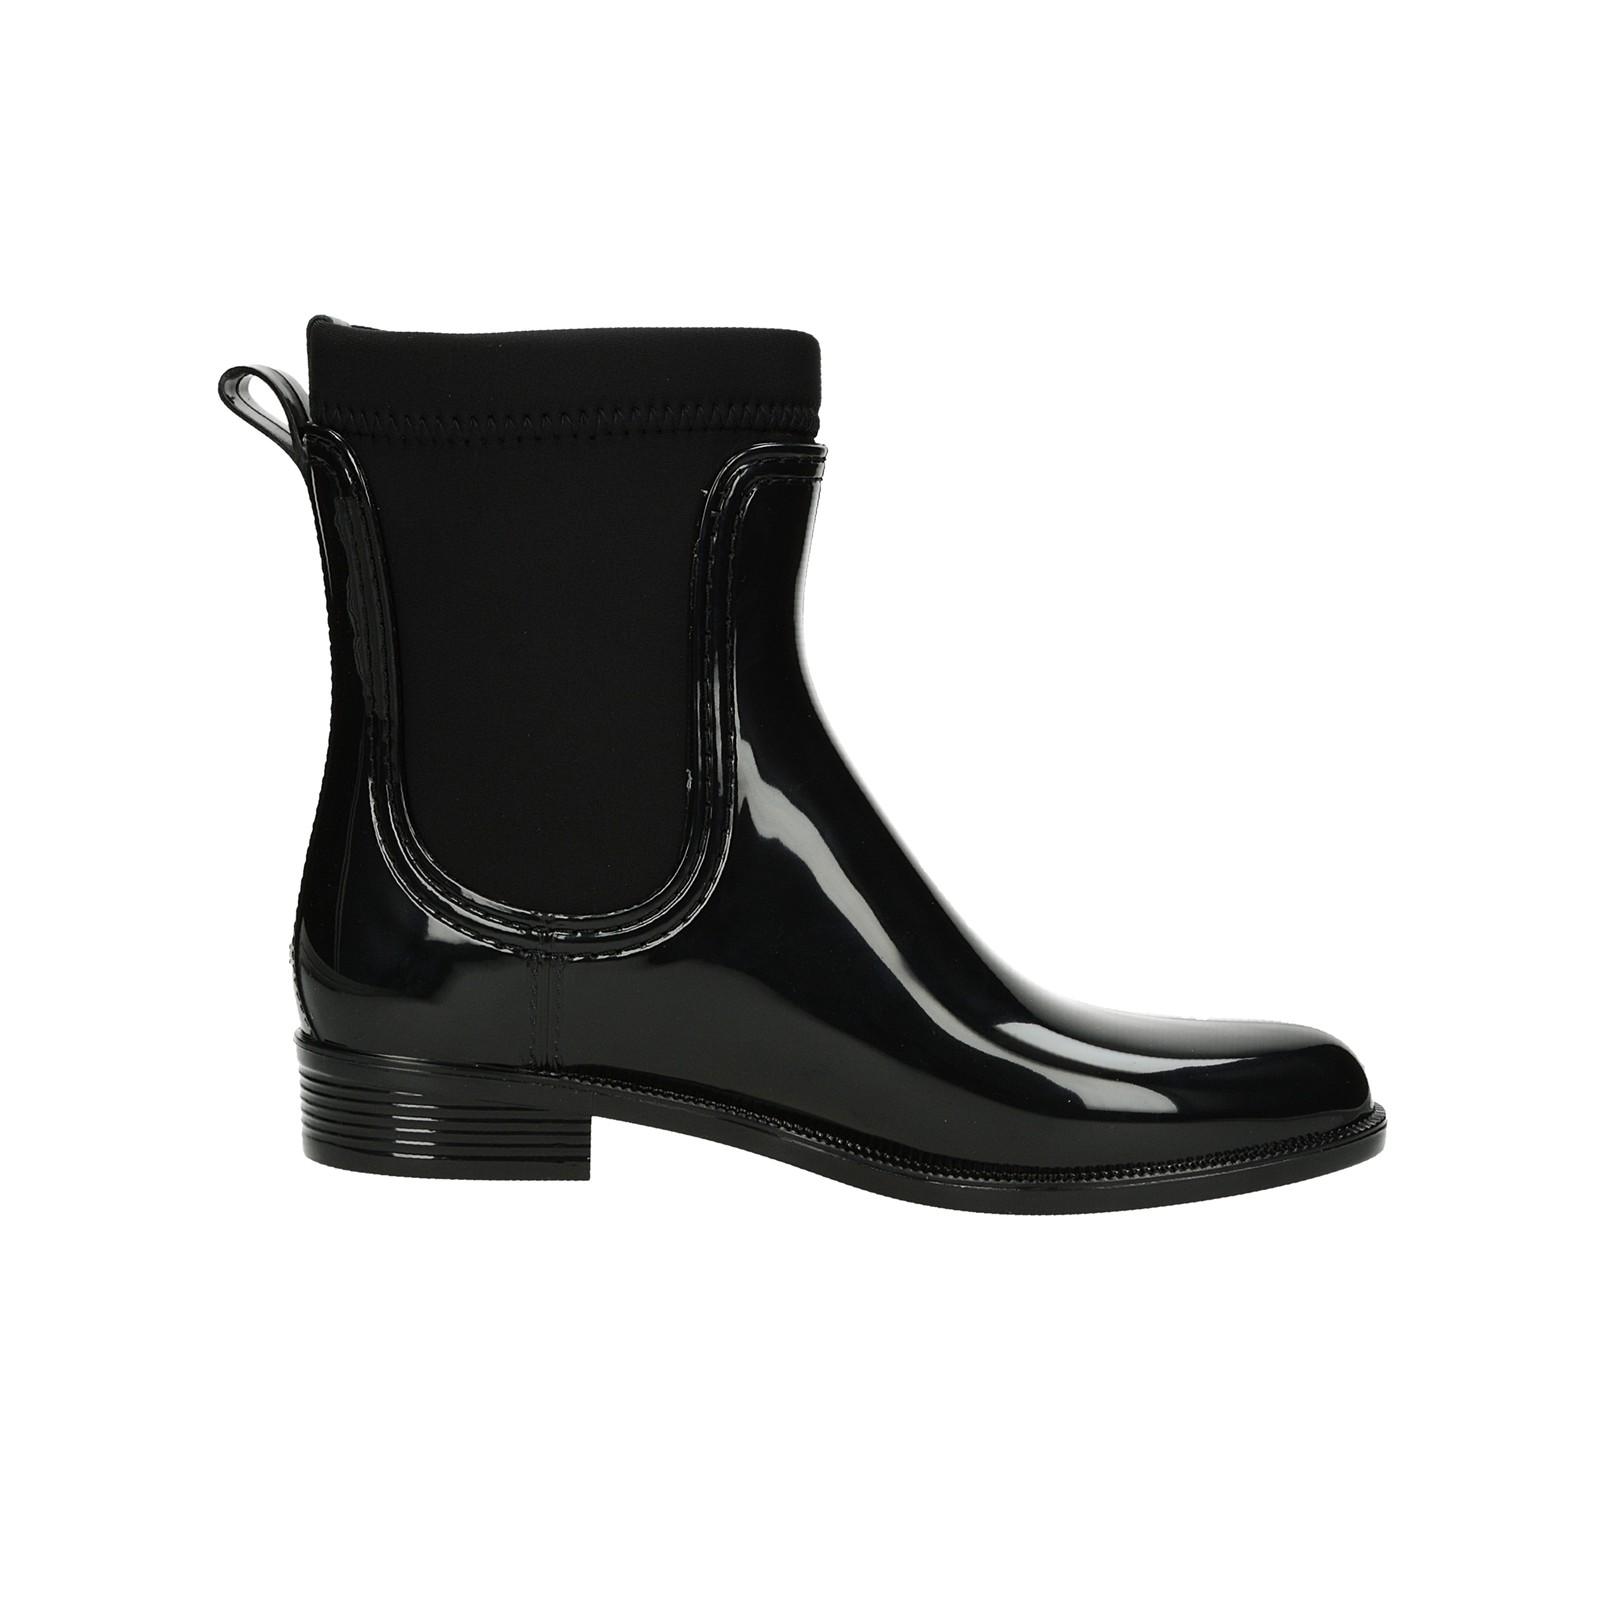 Tommy Hilfiger dámské gumové kotníkové boty - černé ... 5b1b6386e19